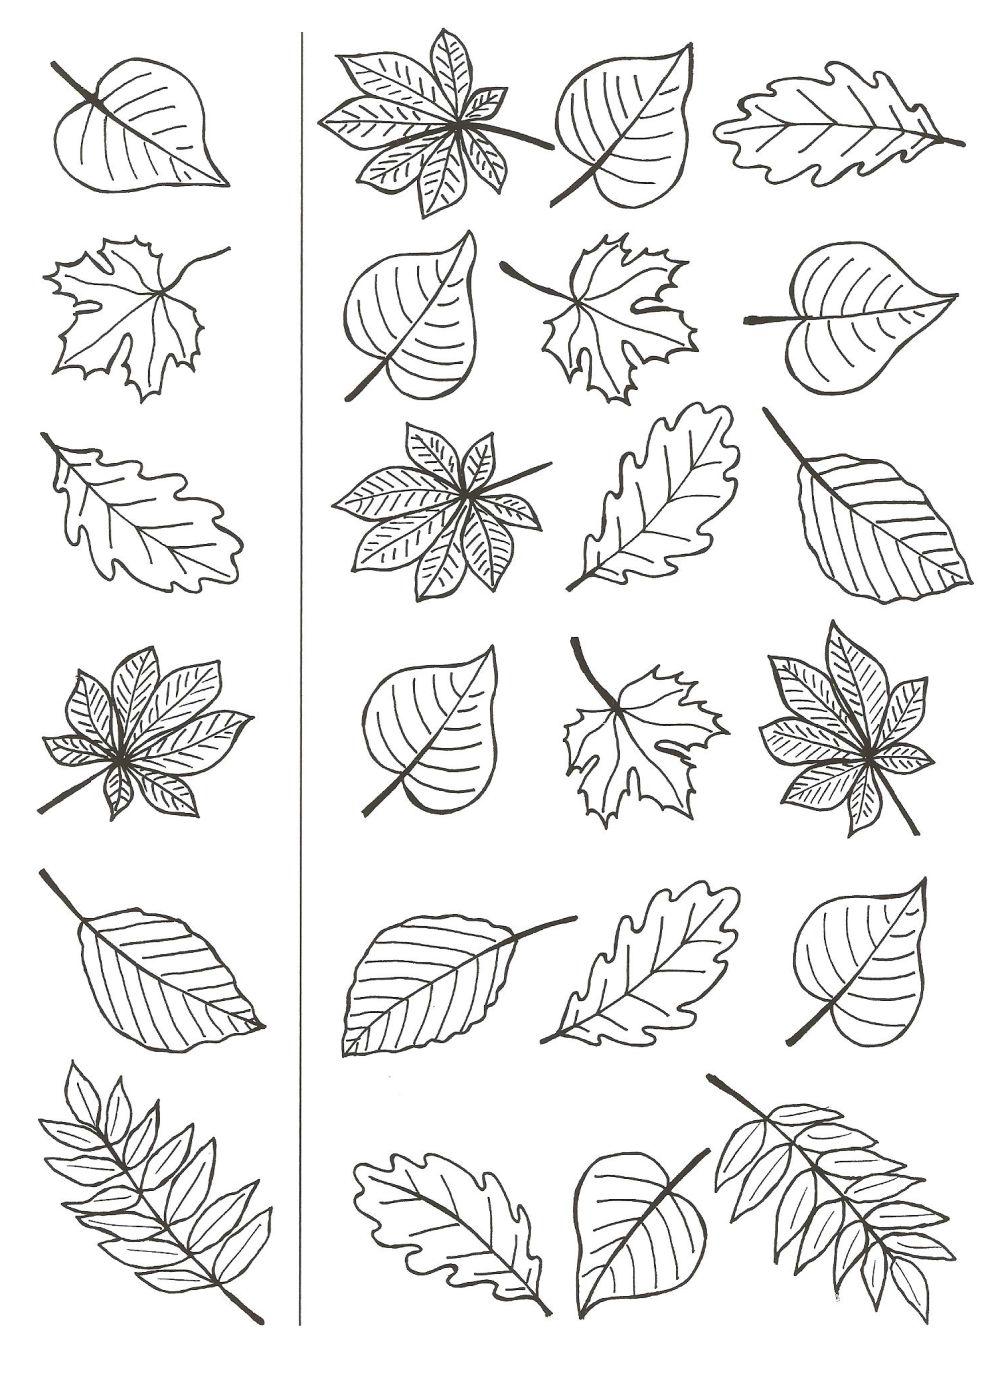 Herbst Ausmalbilder Blätter : Pin By Mary Breveleri On Printables Pinterest Autumn Bullet And